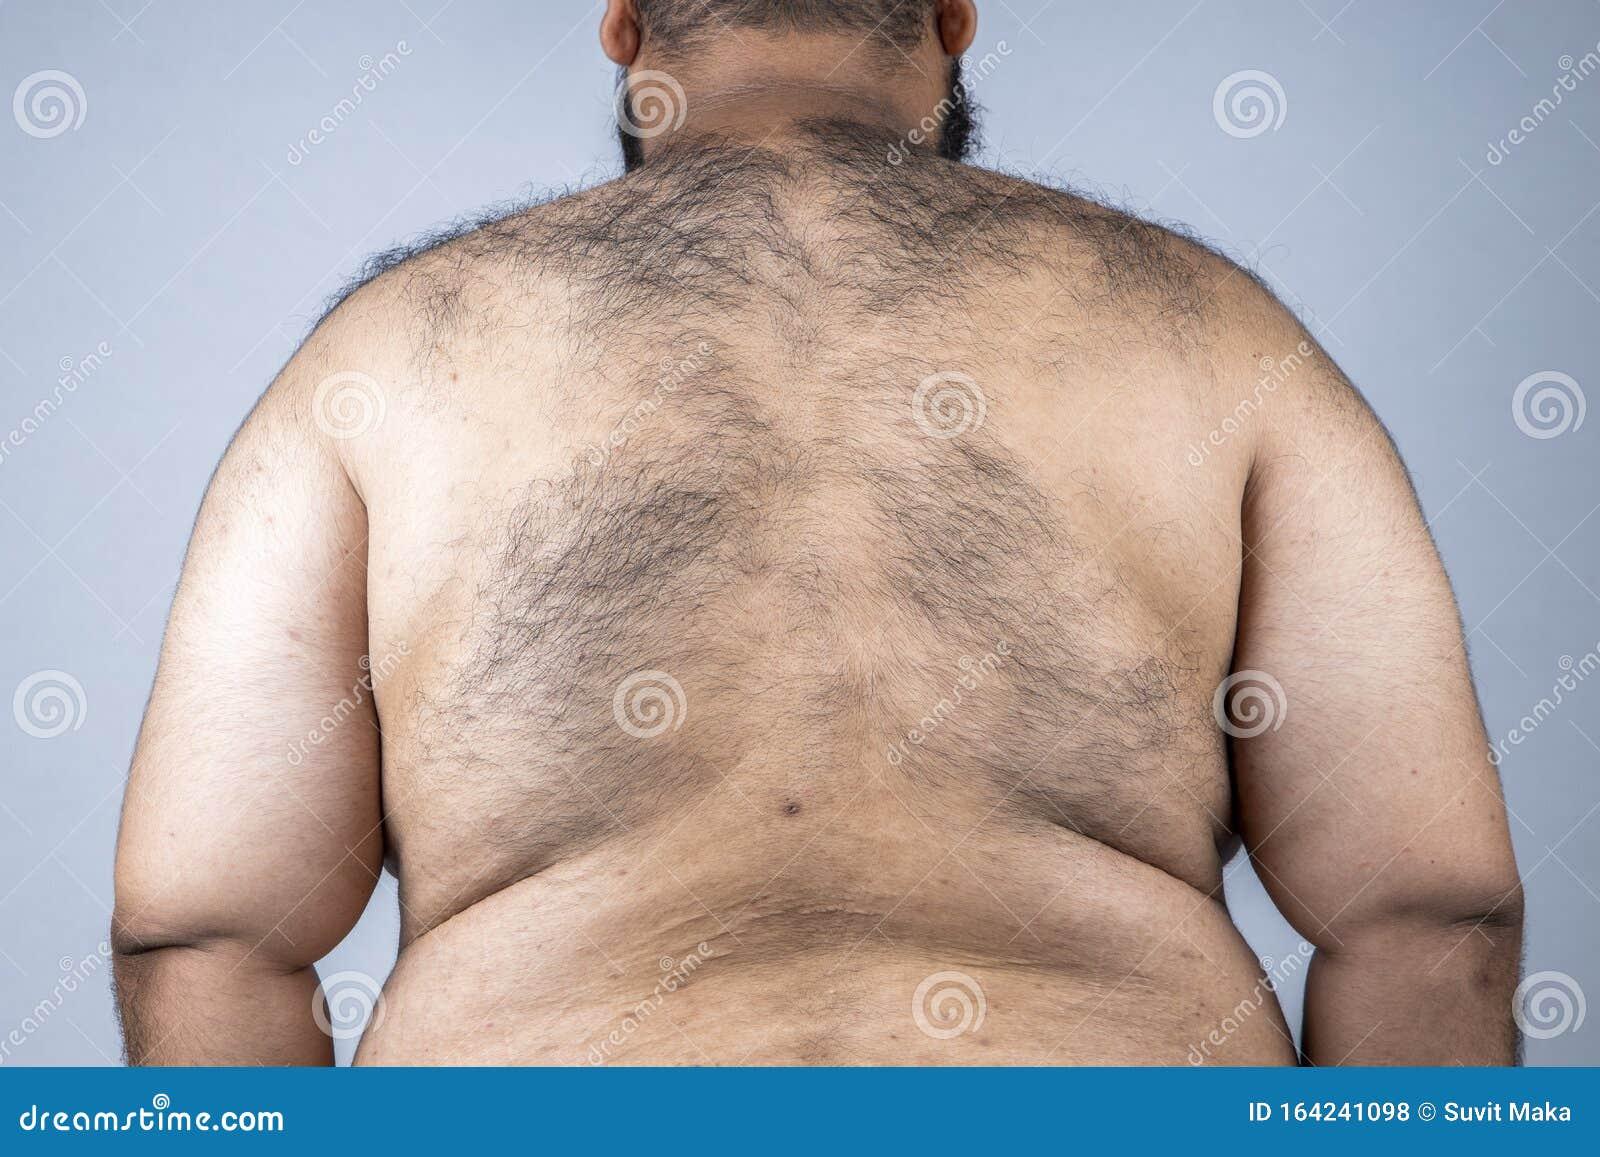 Mann dicker beim harter bauch Darmkrebs: Symptome